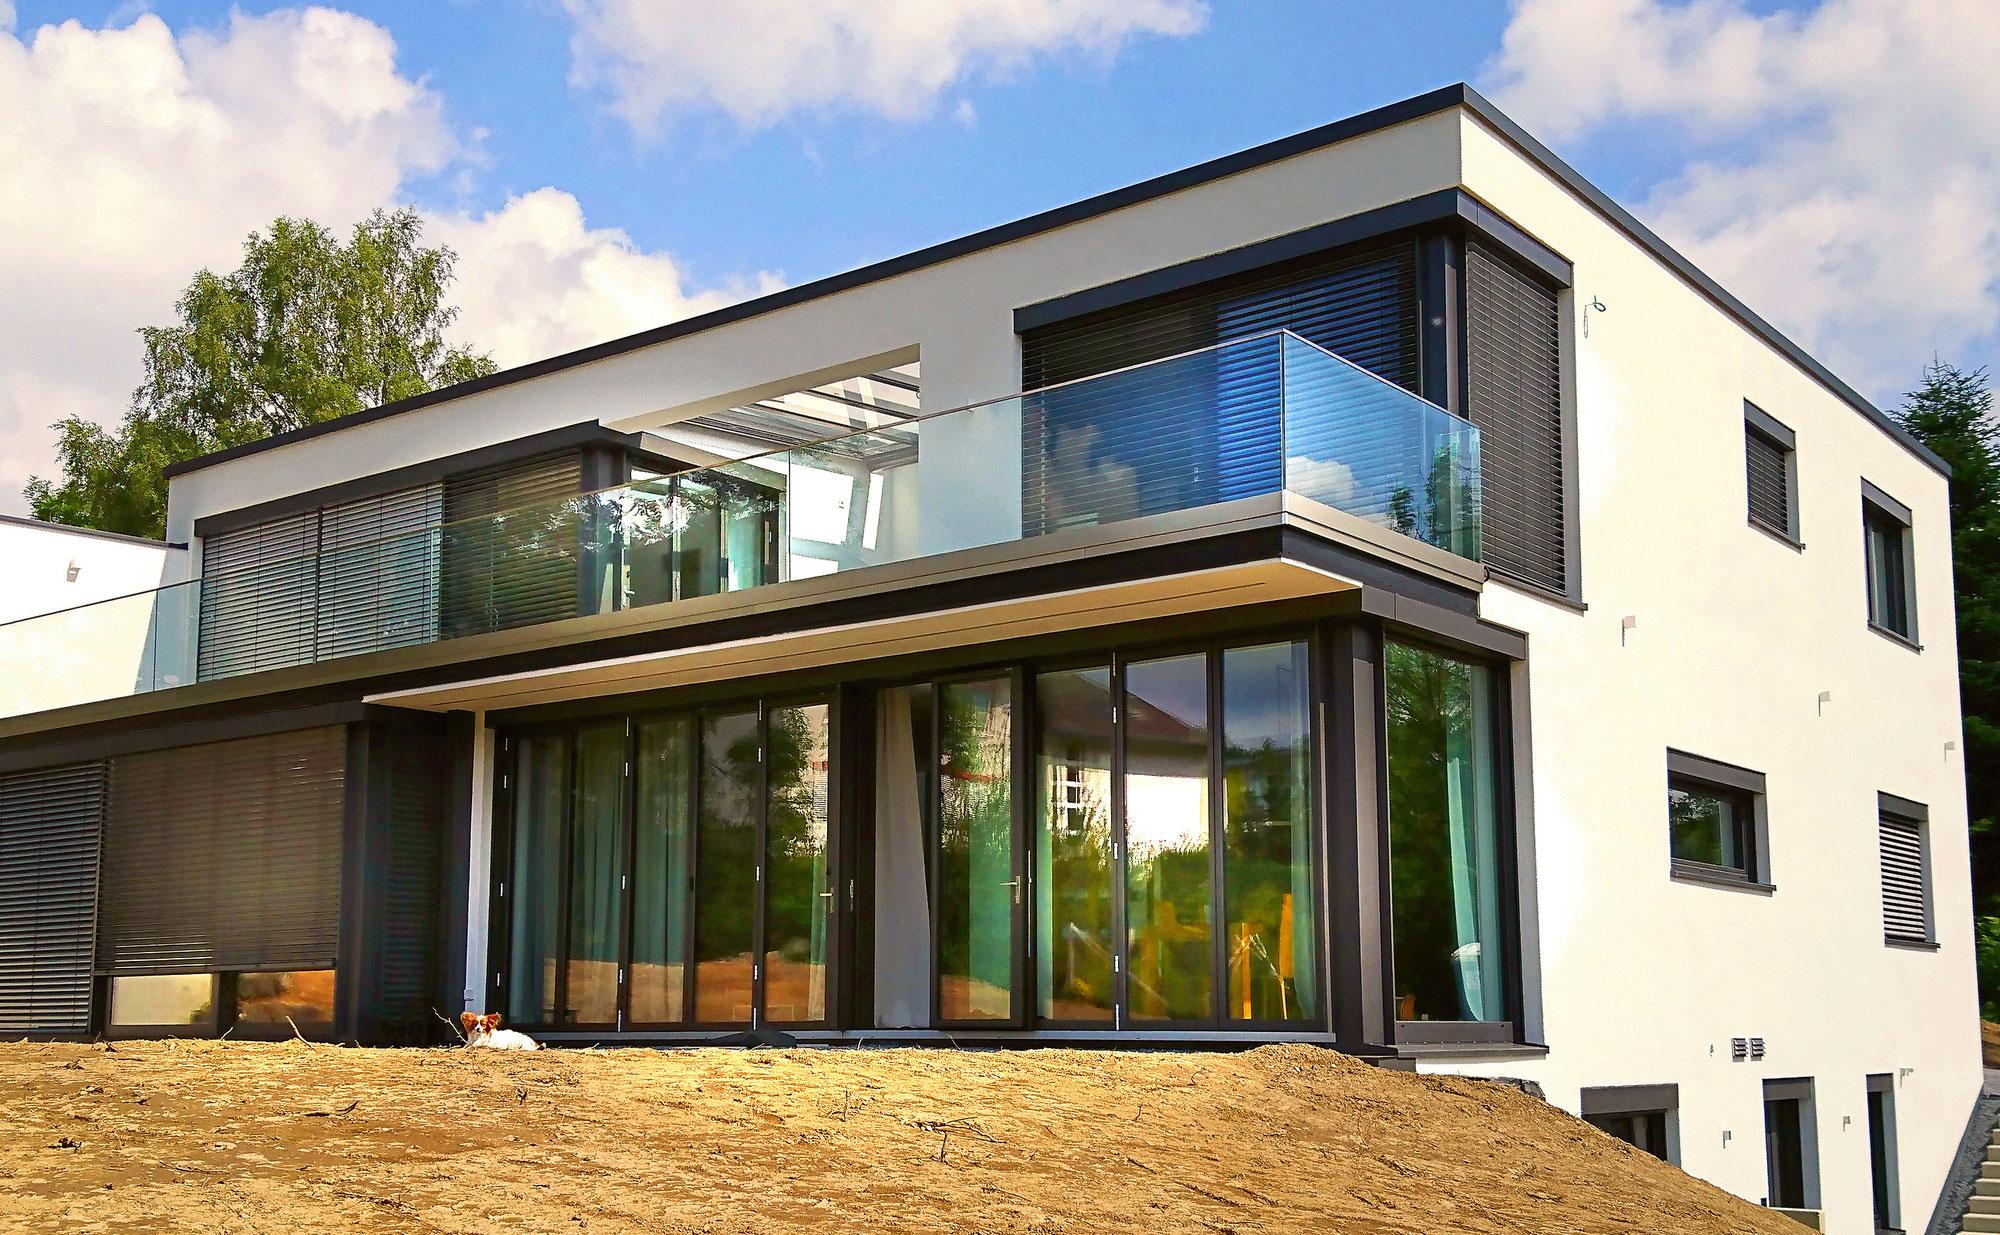 impressum haus individuell planen bauen sanieren. Black Bedroom Furniture Sets. Home Design Ideas